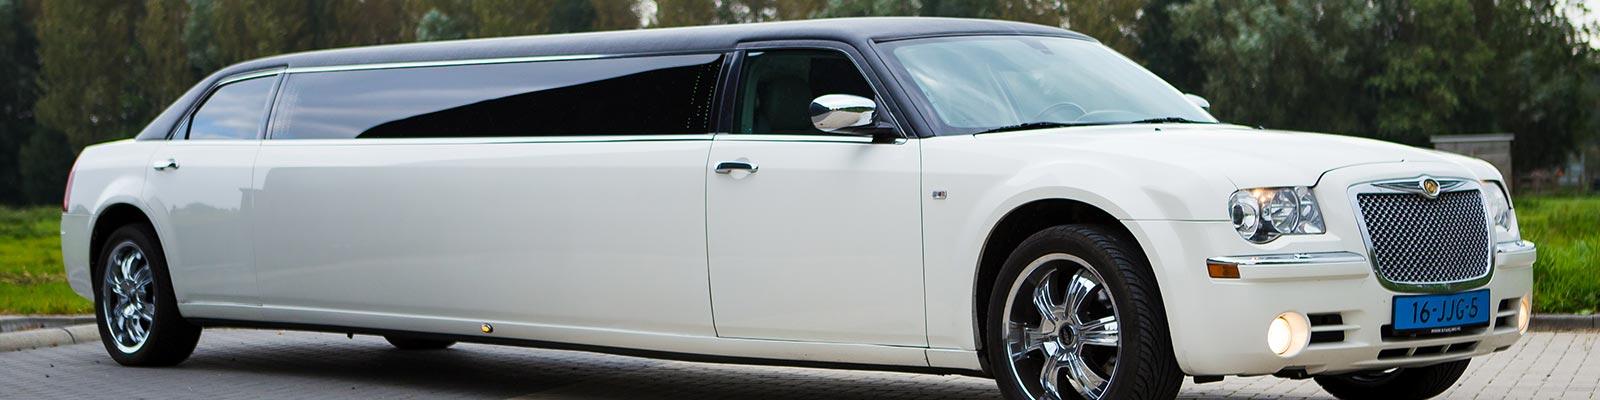 Chrysler limousine - Header